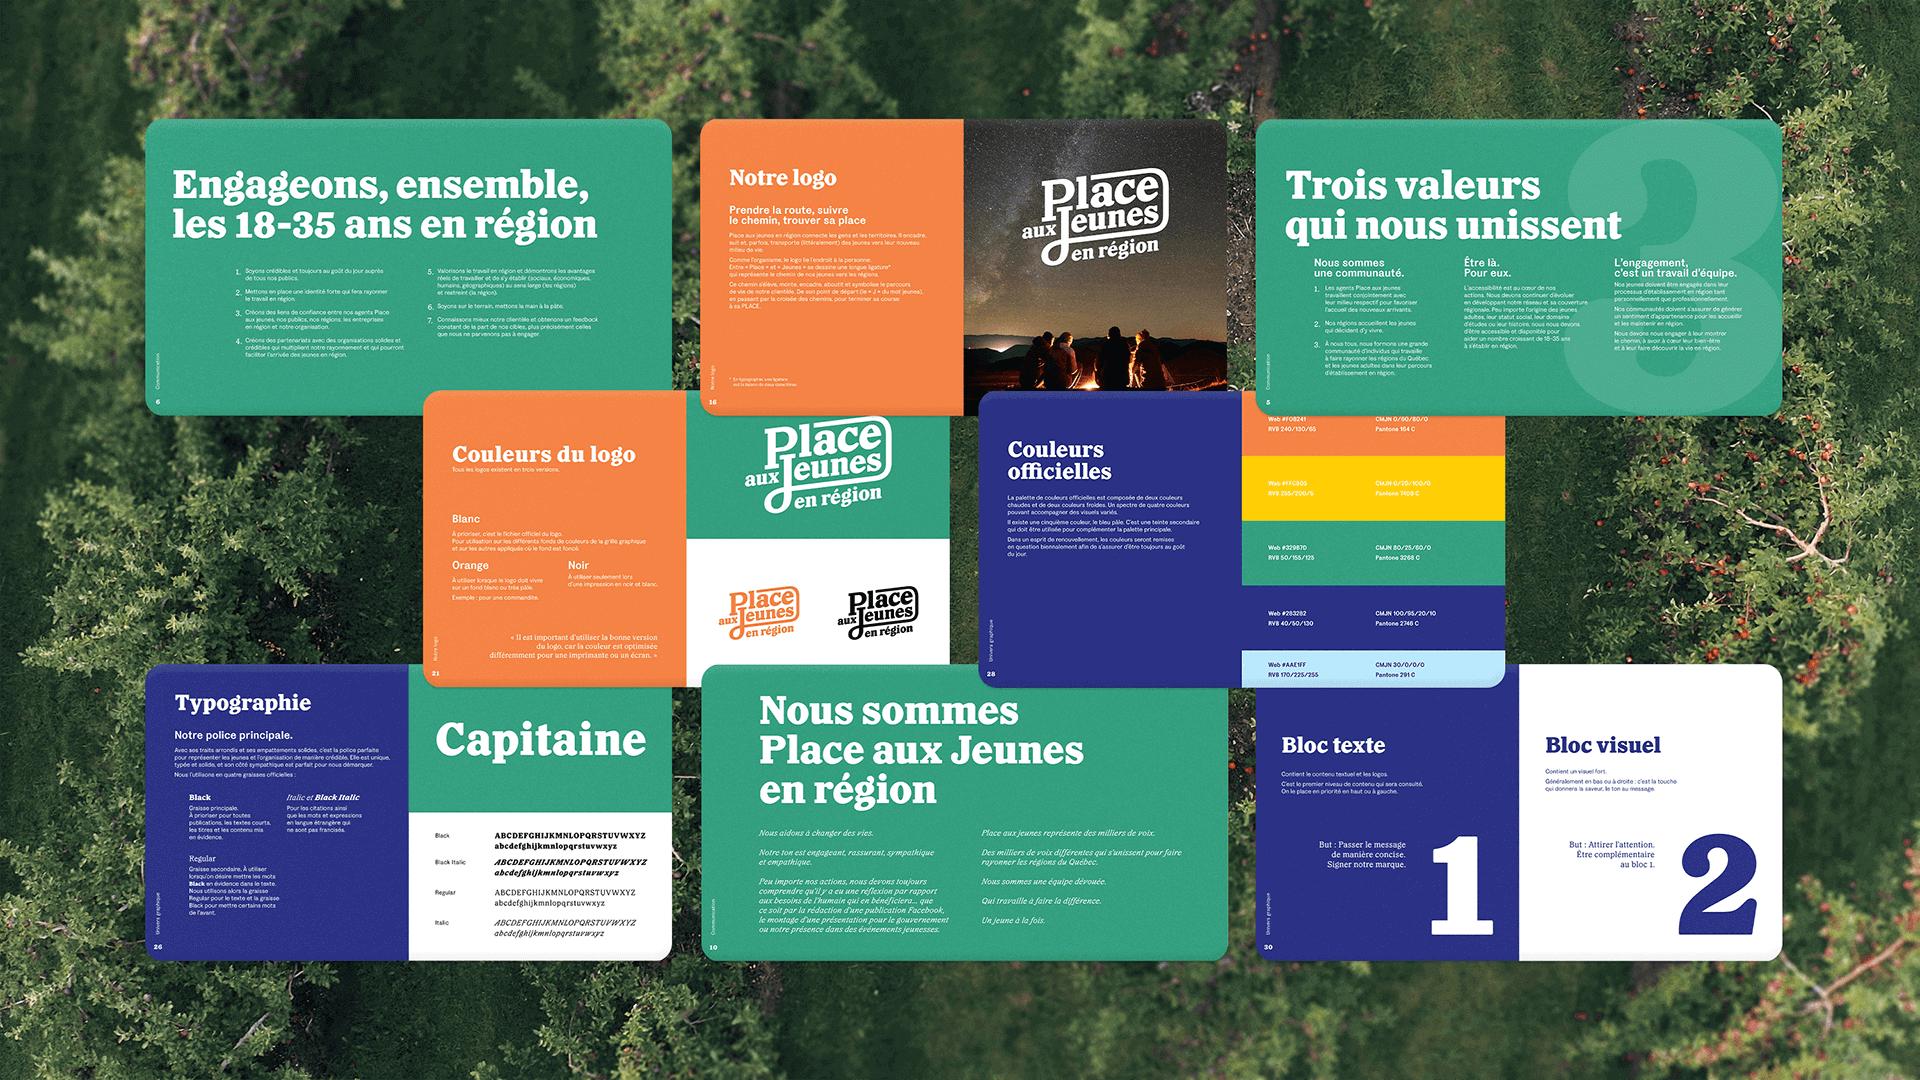 Branding et Campagne publicitaire |Pages intérieur du cahier de marque (brand book) de PAJR | Place aux jeunes en région